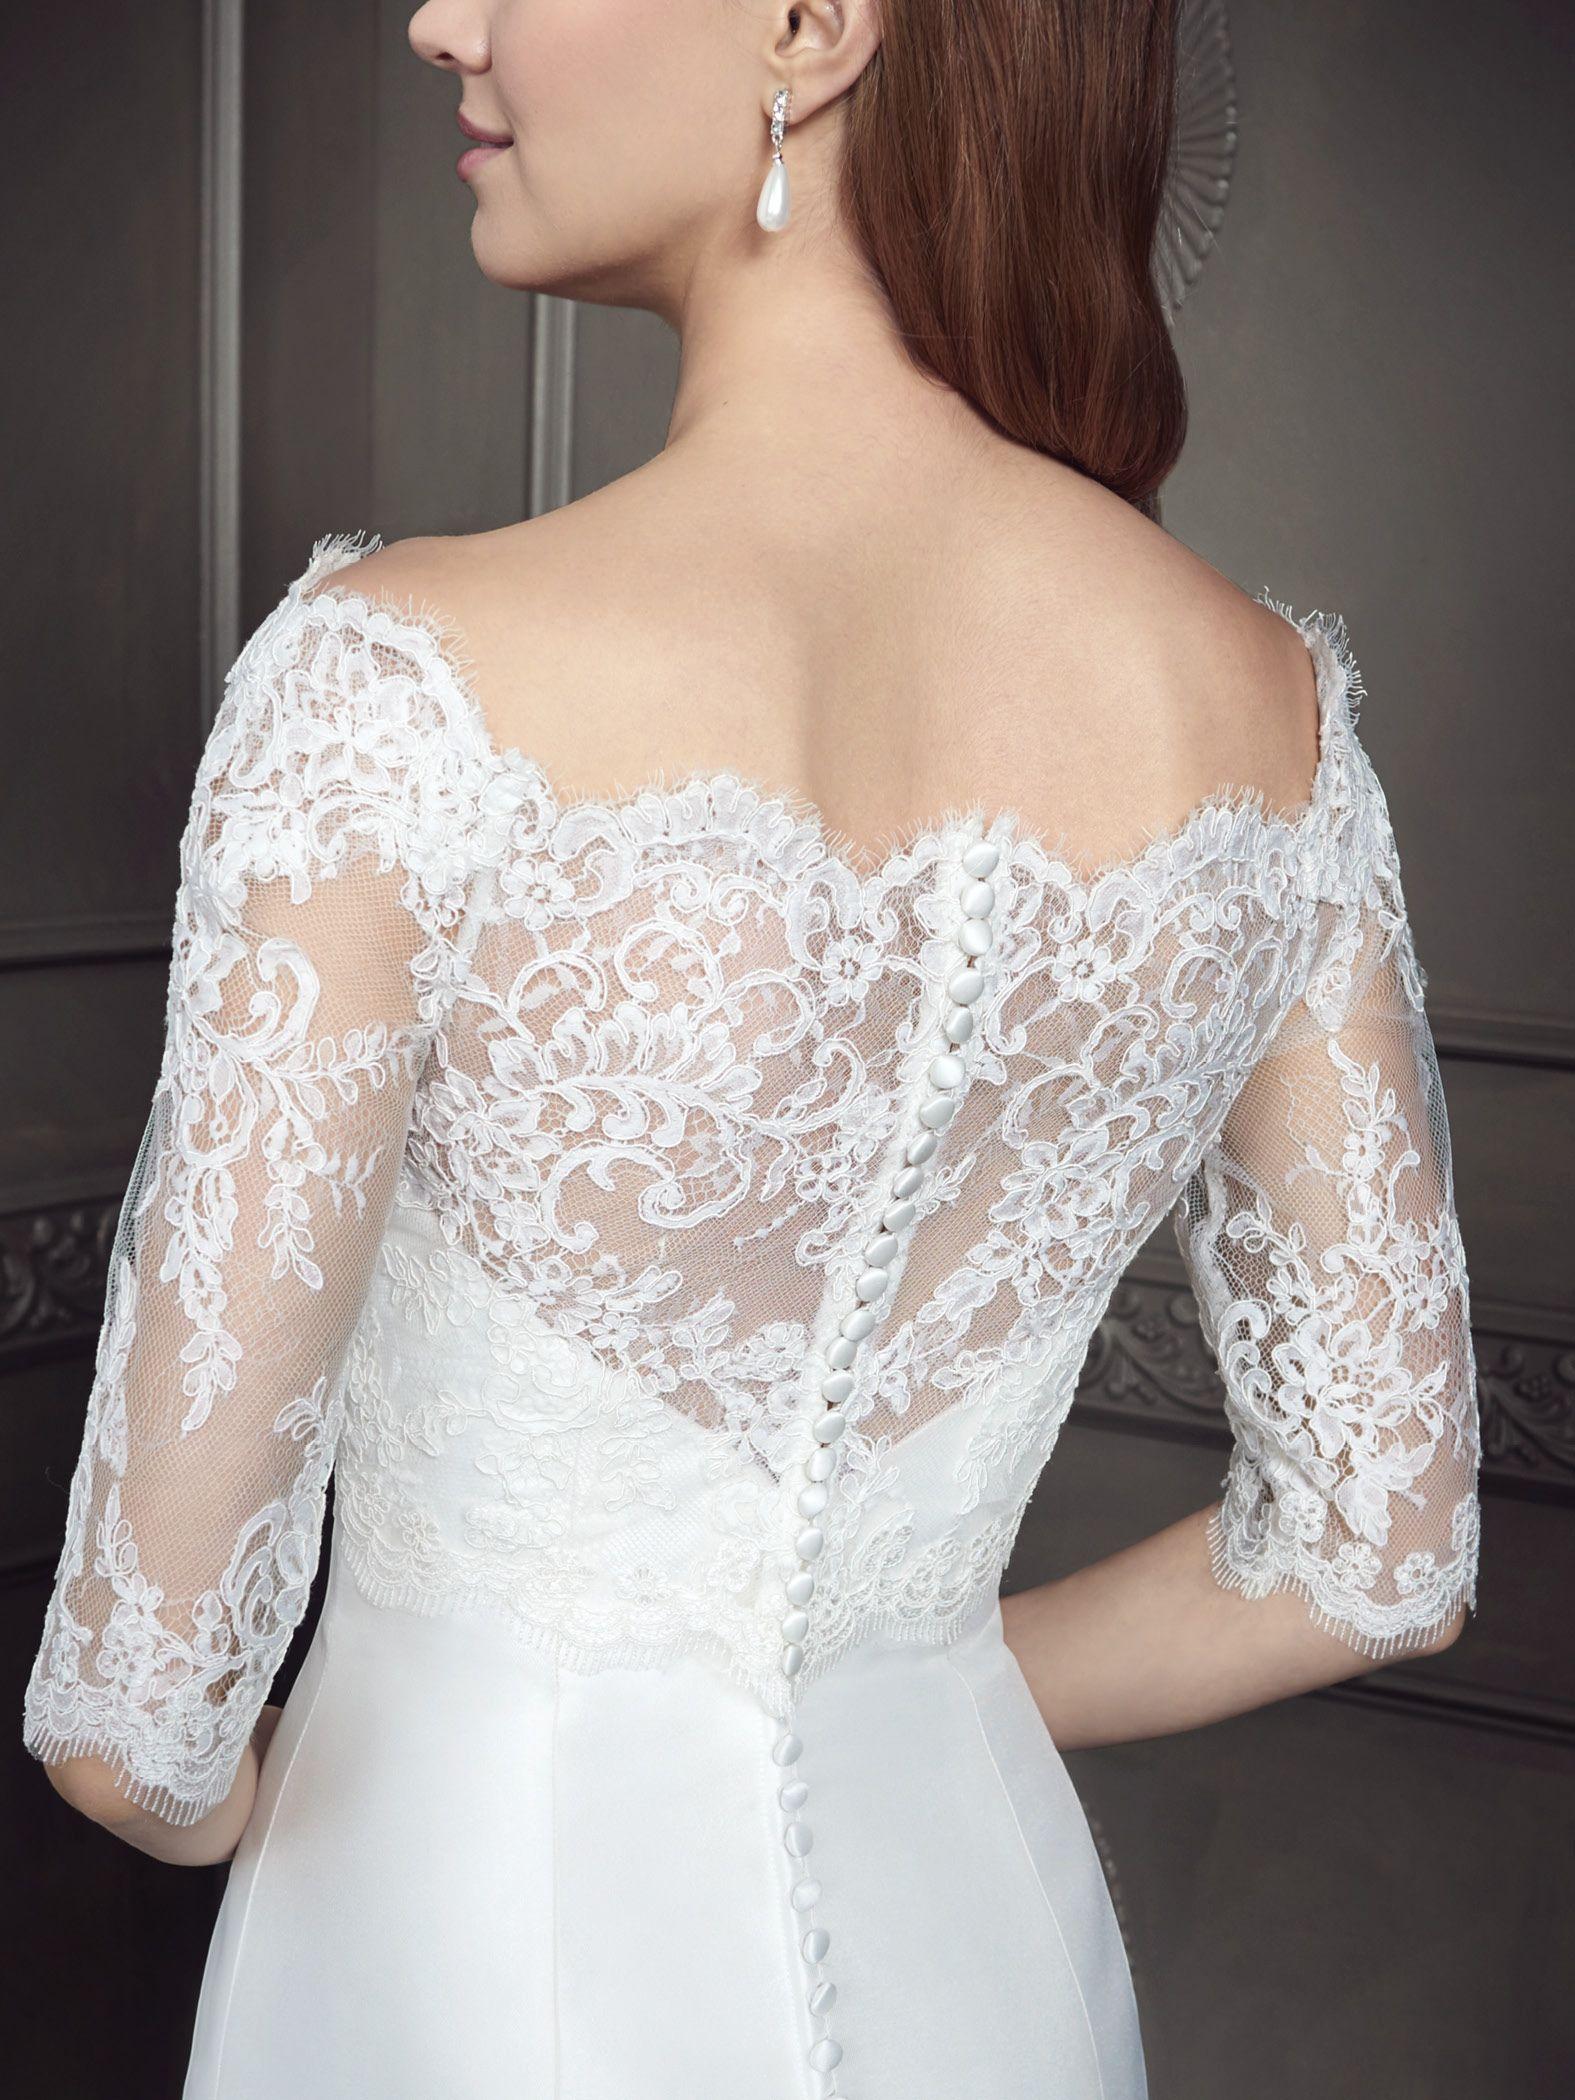 Ella Rosa Style BE347J (Includes Lace Jacket - JB347)  weddingdress  bridal 6de03fd31e